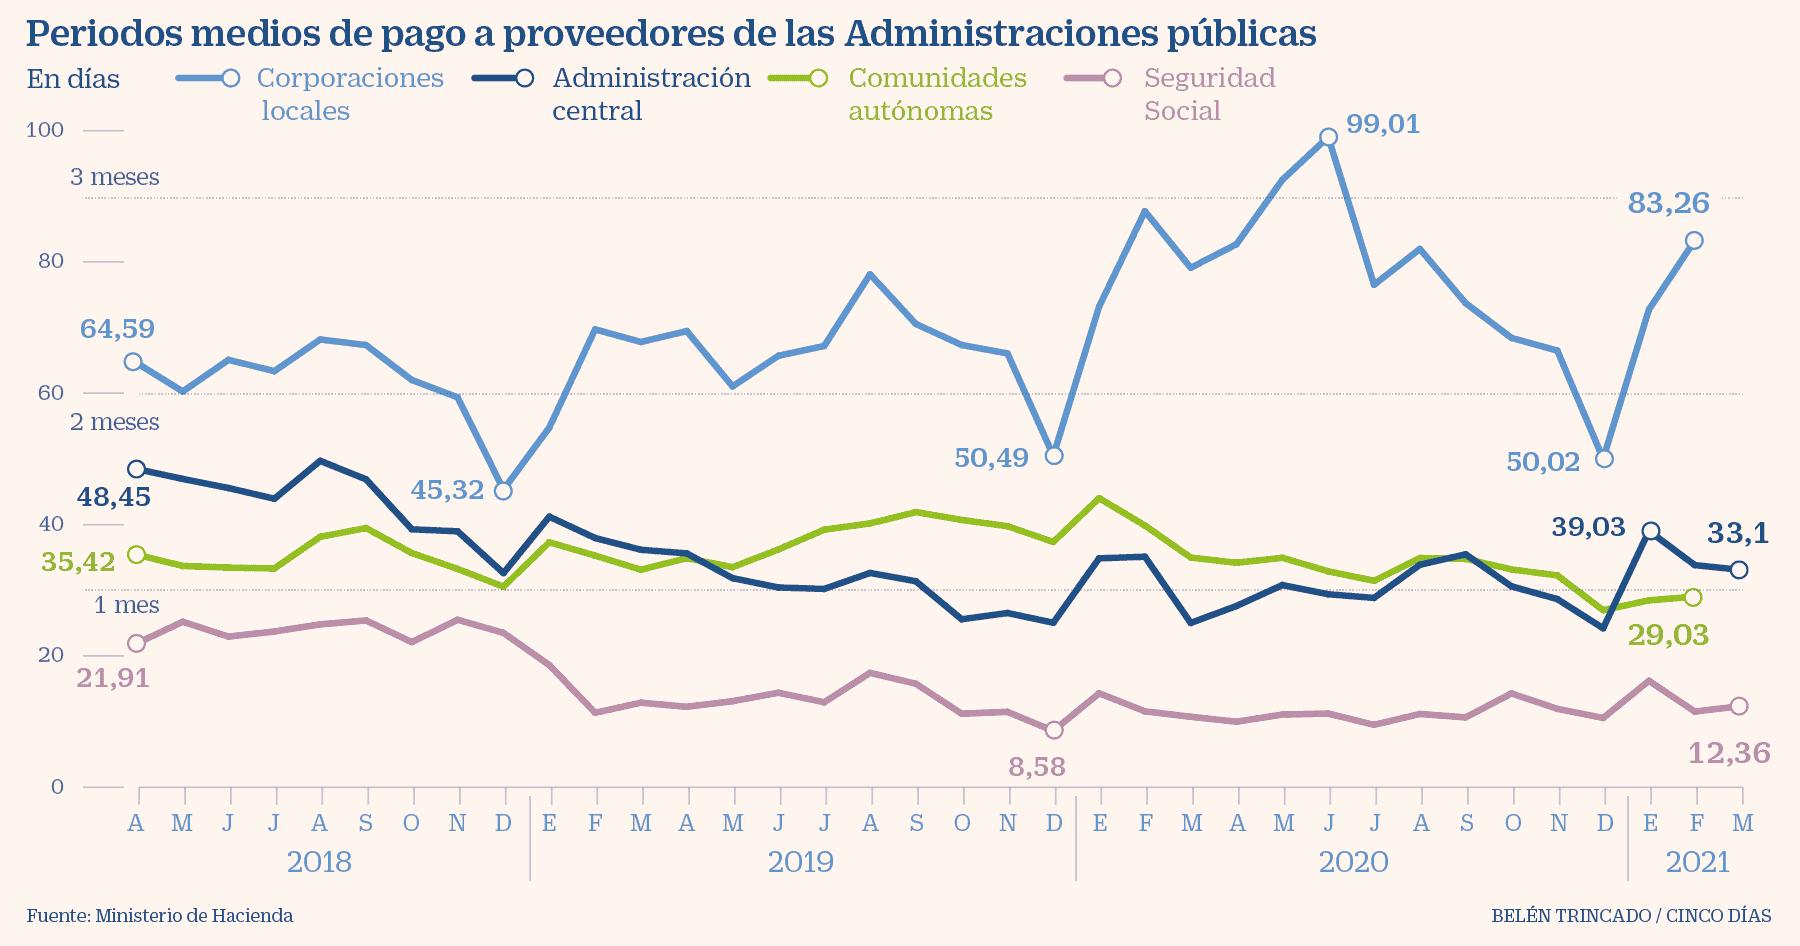 España - AAPP - Periodos medios de pago